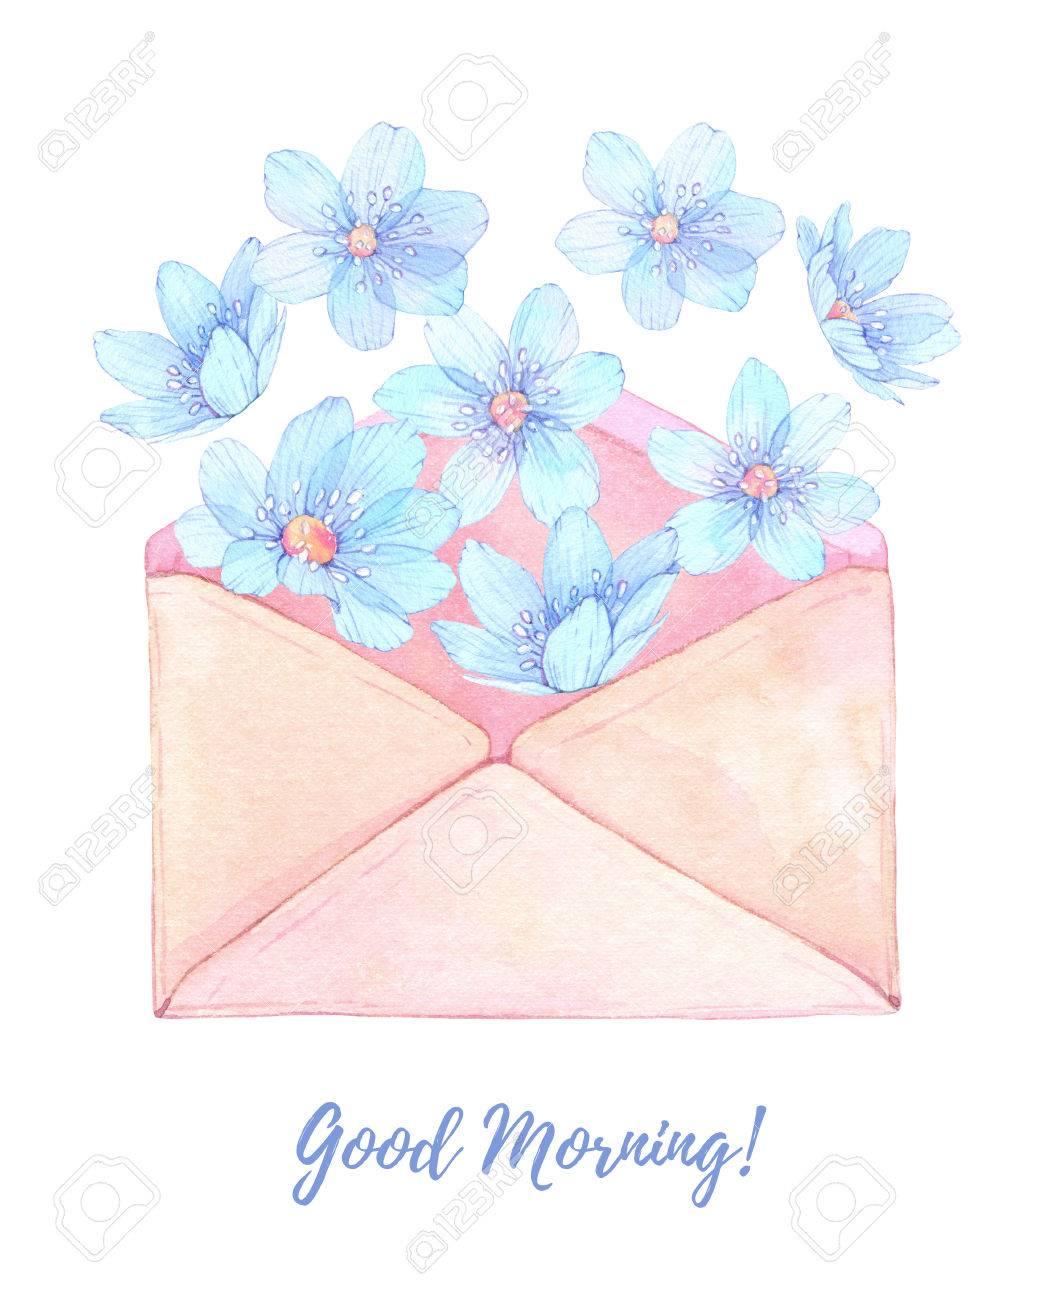 水彩イラスト青い花と花のメッセージ花の封筒カードを使用する準備